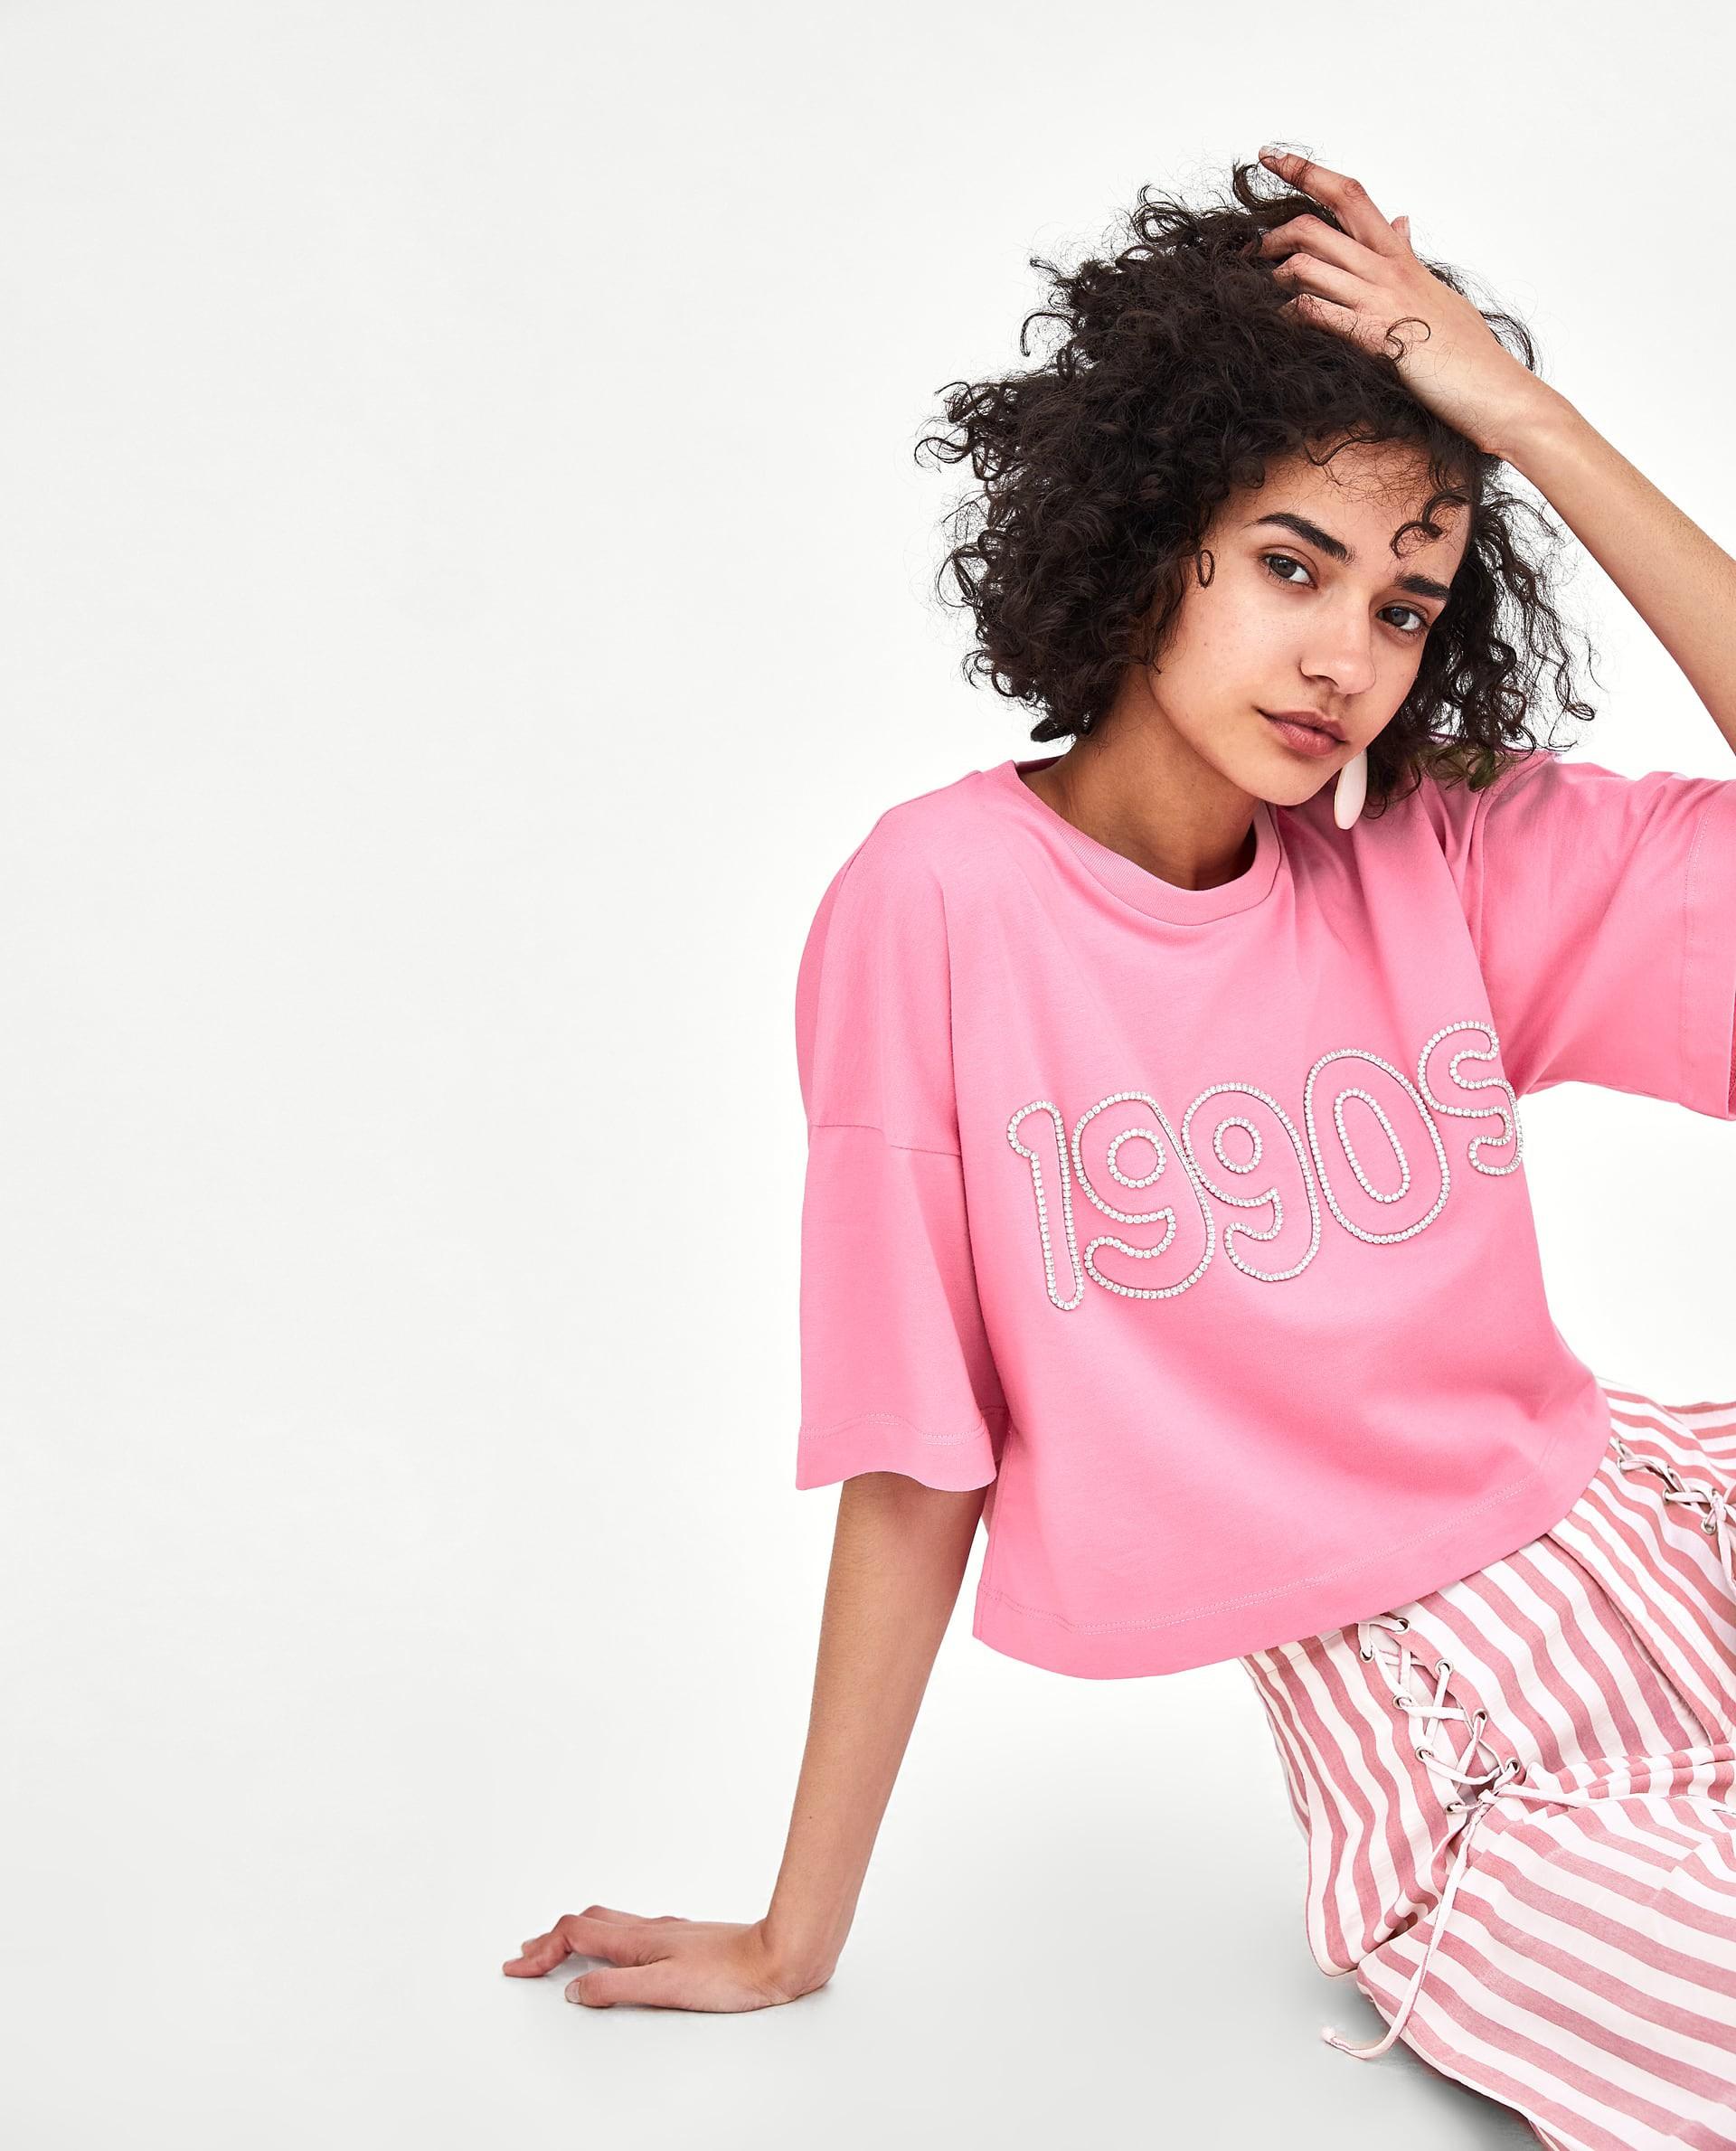 Thích áo phông, mặc nhiều là thế nhưng bạn có biết cách giữ cho chiếc áo của mình bền đẹp như mới - Ảnh 6.